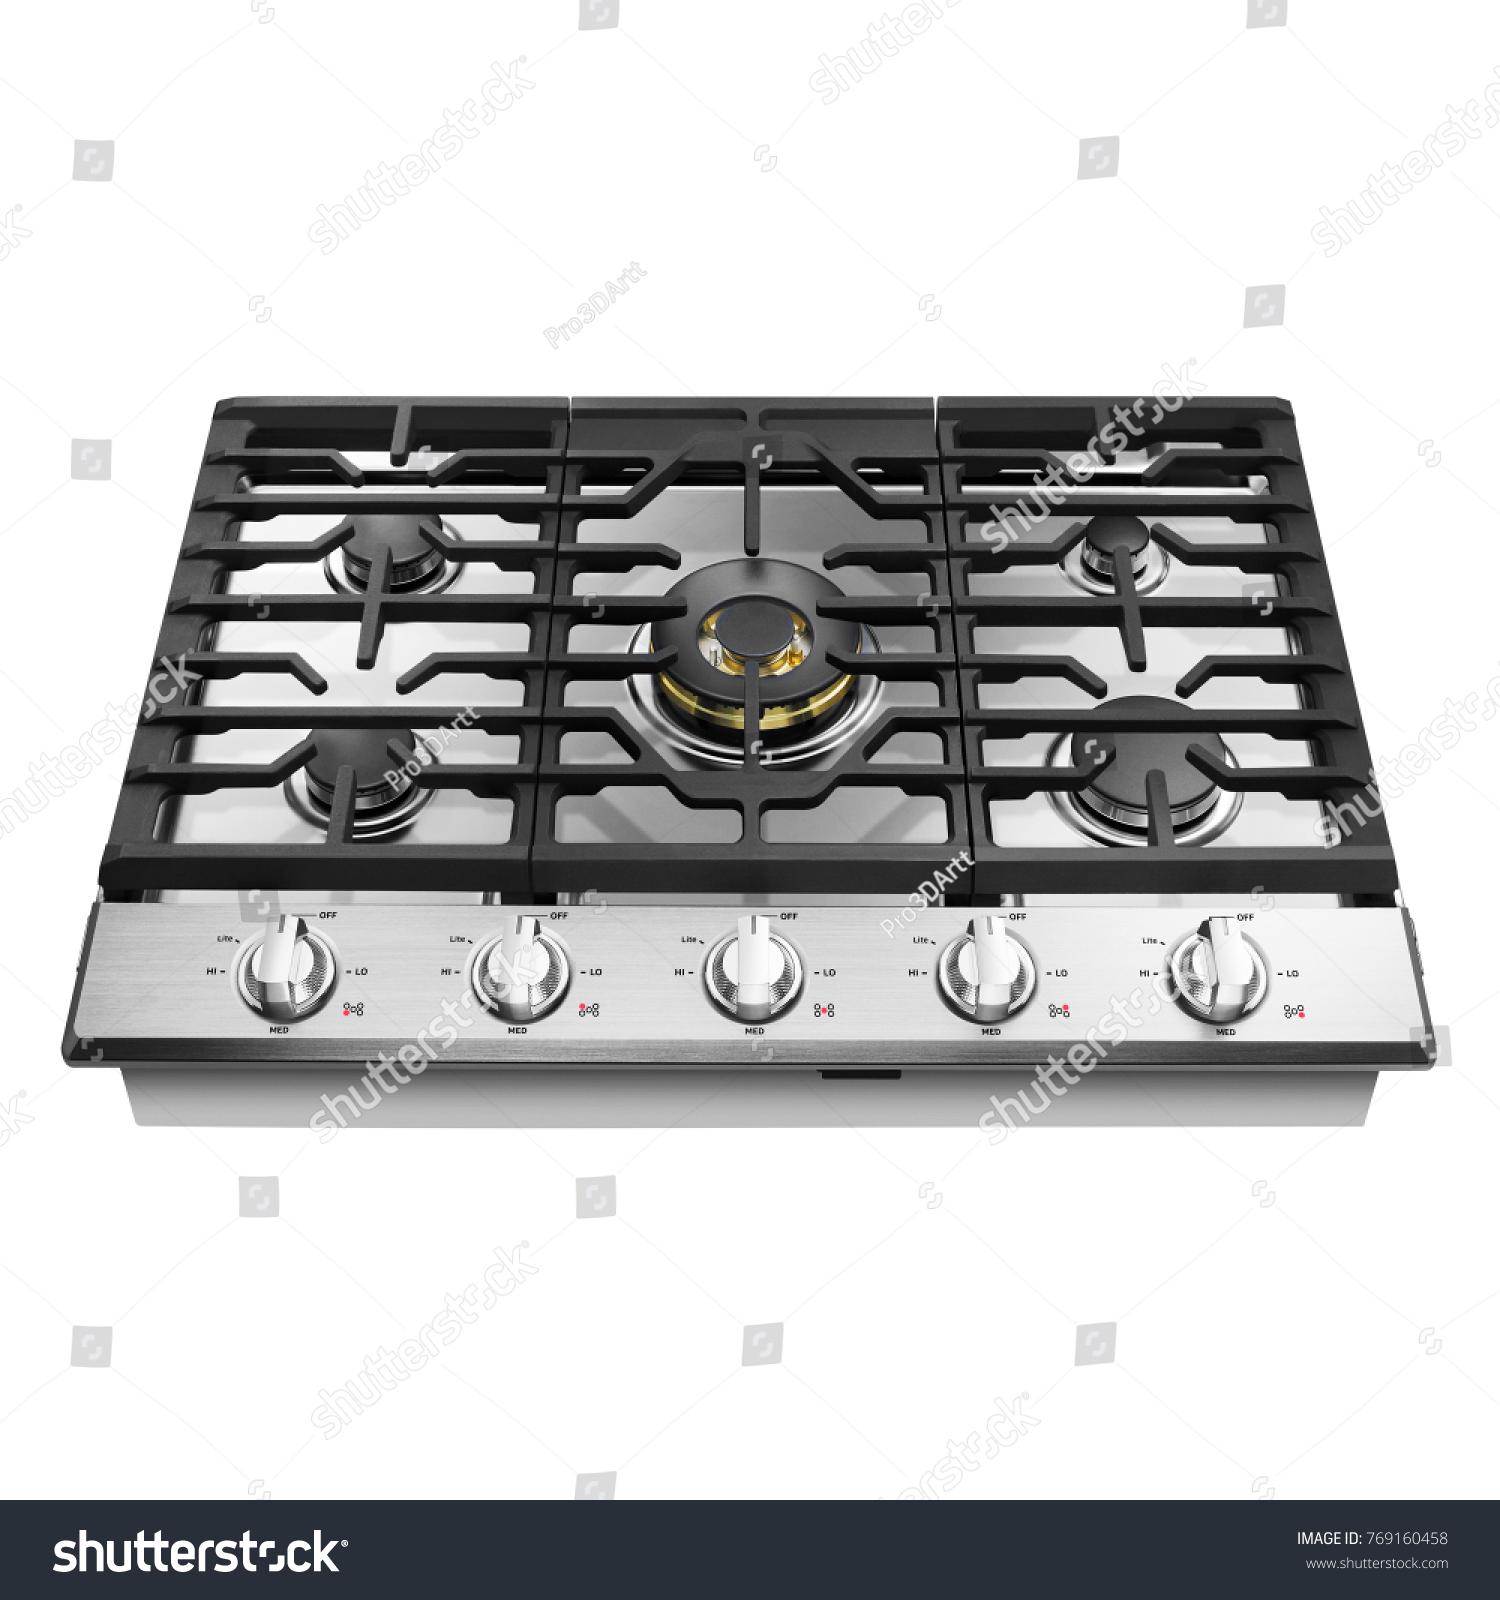 Gas Stove Top Burners. Gas Stove Top Burners T - Linkedlifes.com